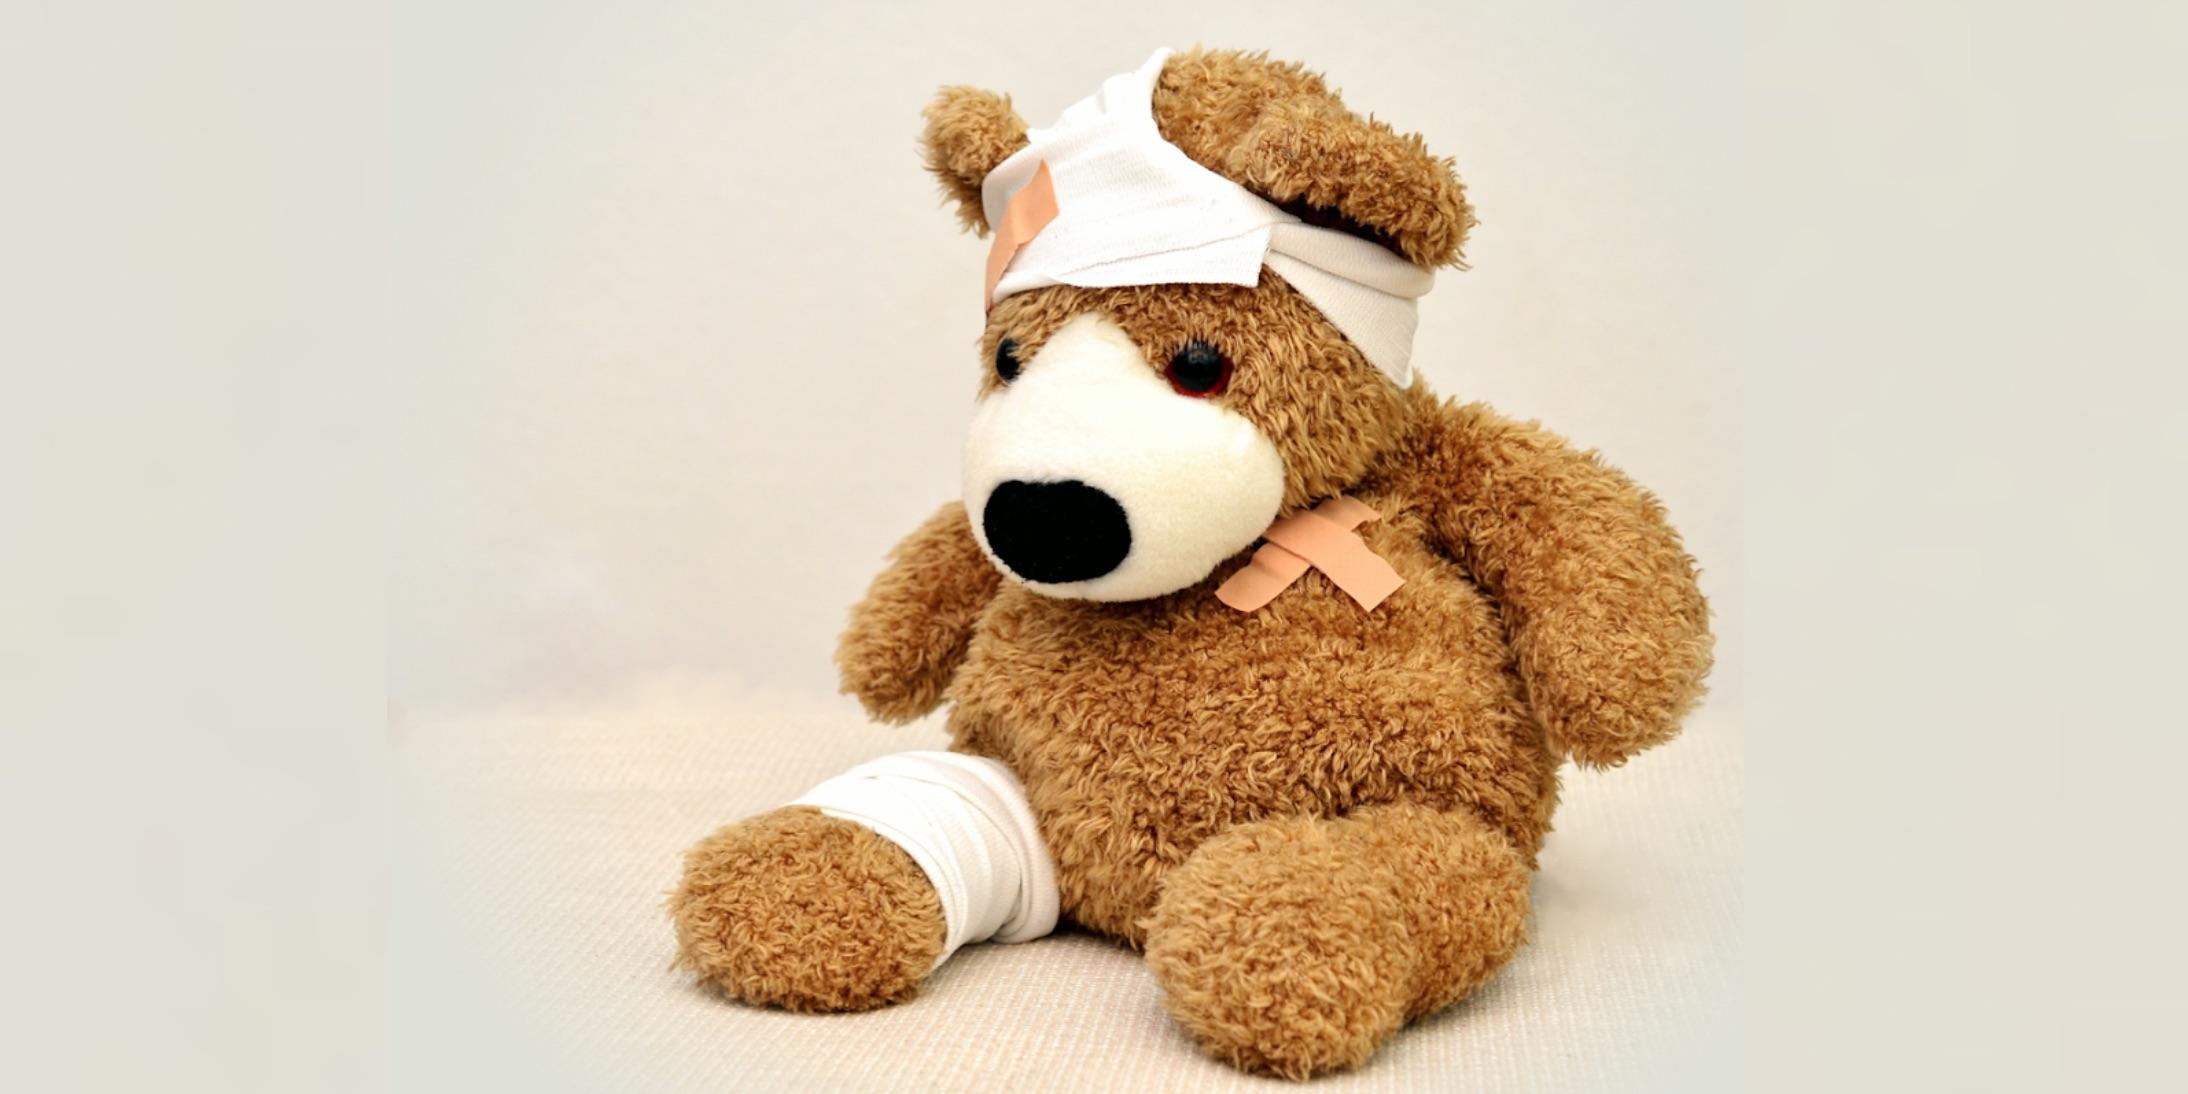 Primeros Auxilios para niños | Consejos para situaciones habituales